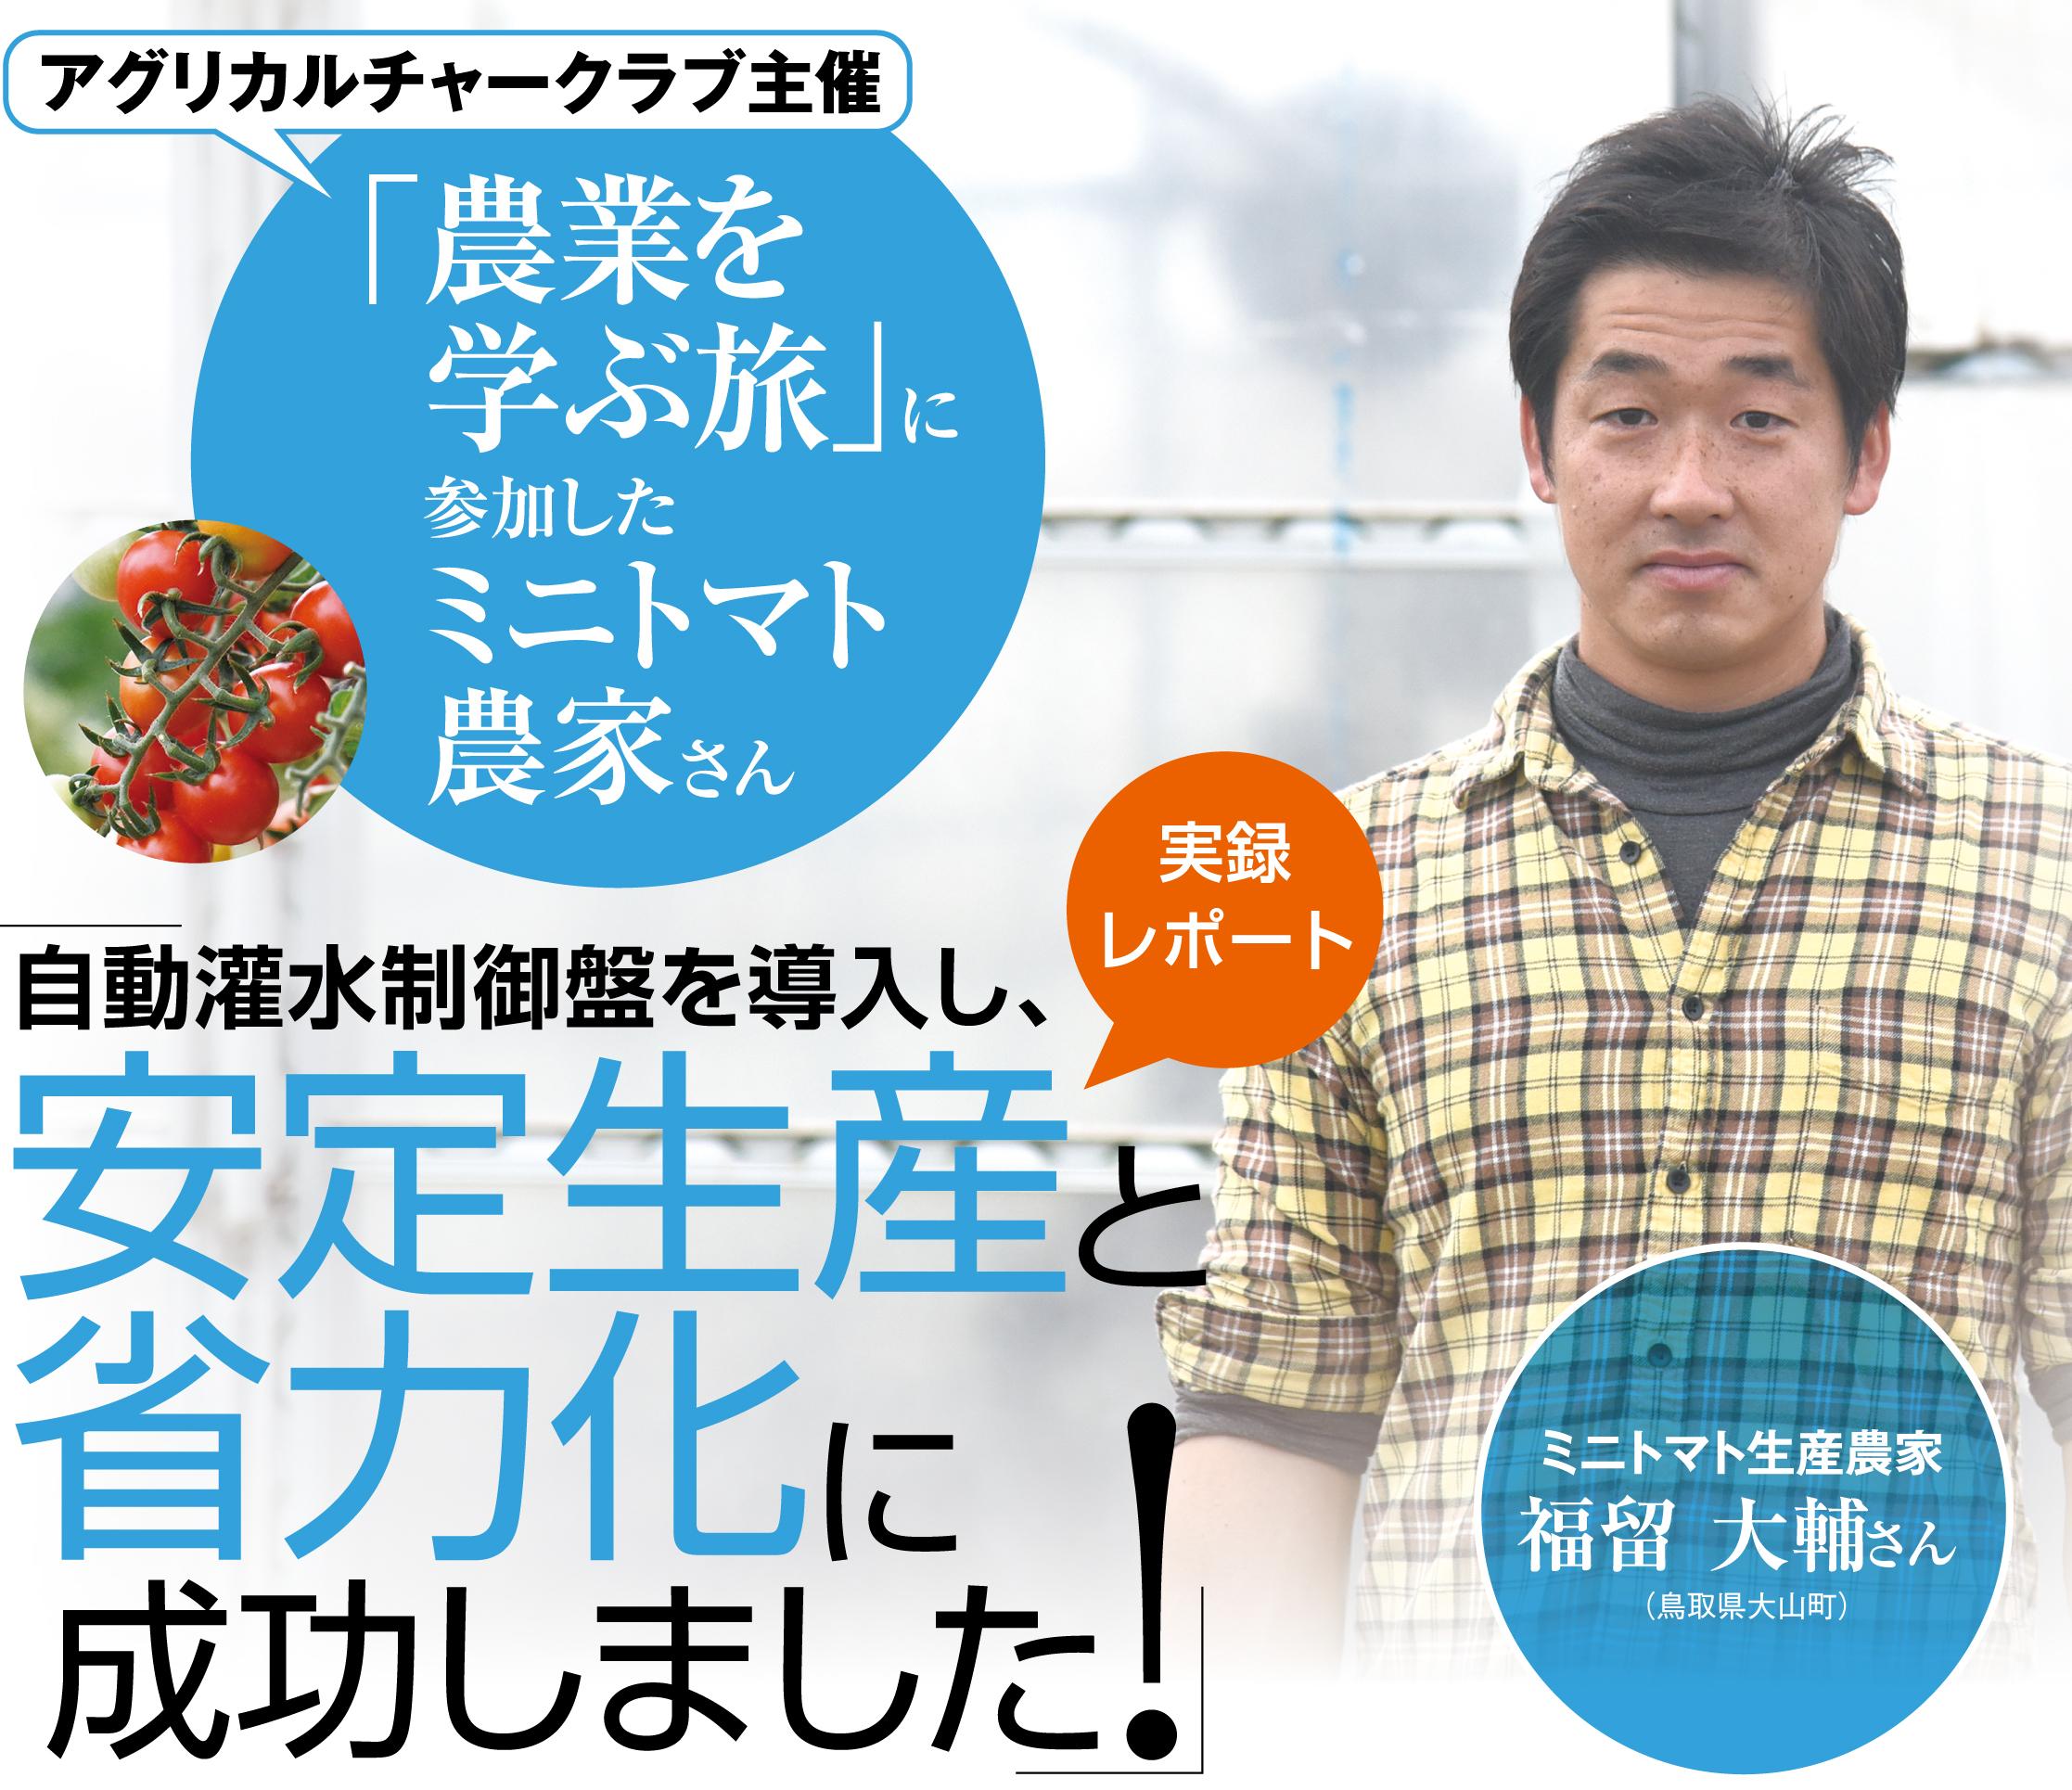 11-12鳥取_入稿ol-01